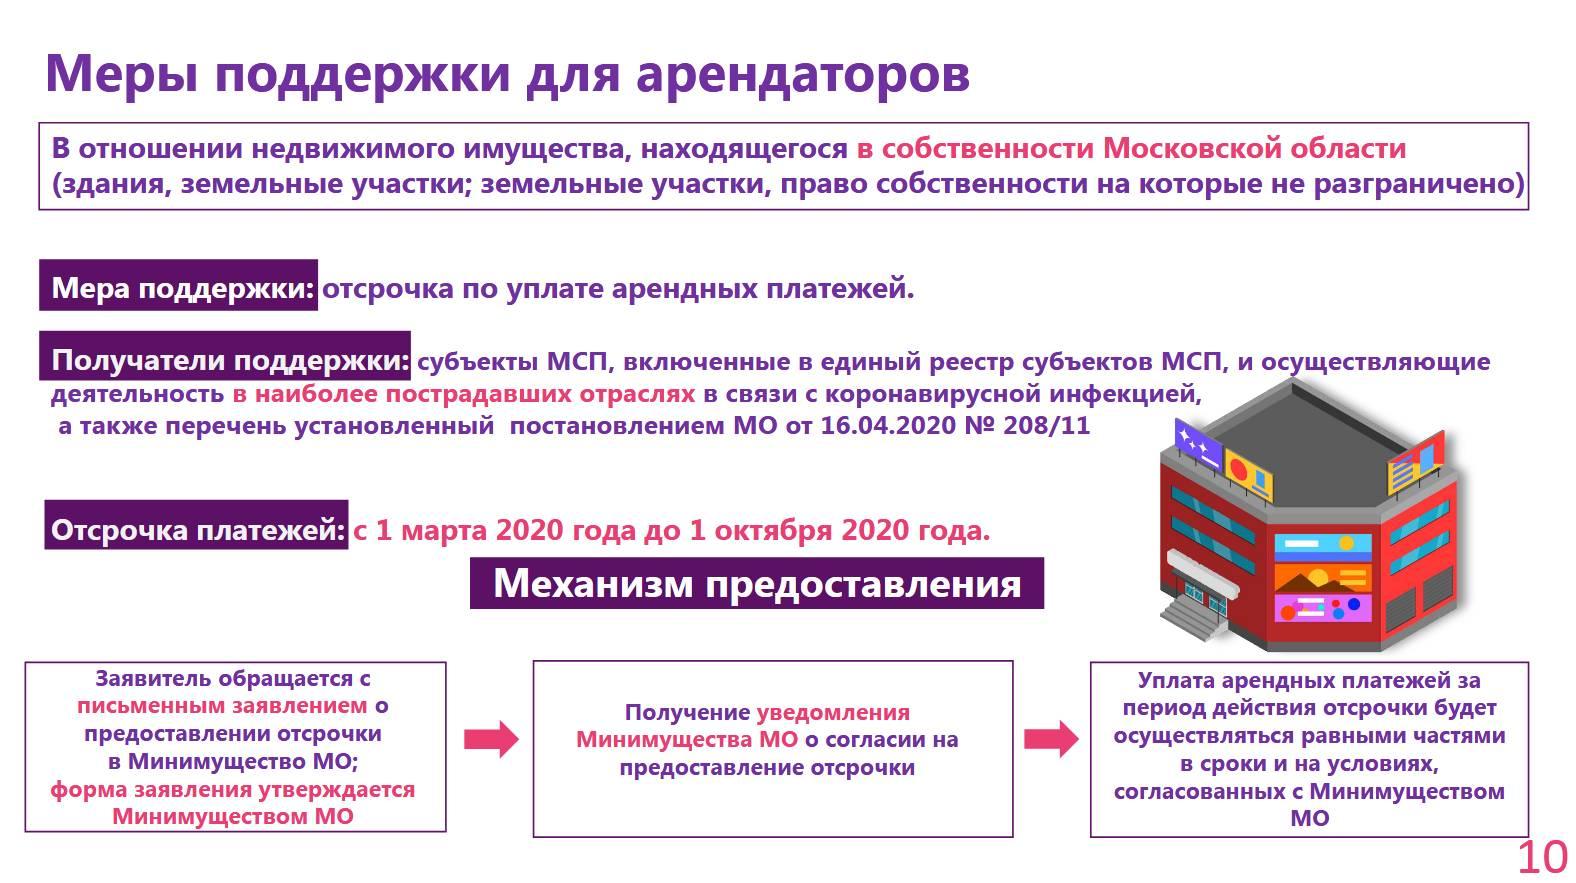 Меры поддержки бизнеса в Подмосковье принятые в связи Covid-19